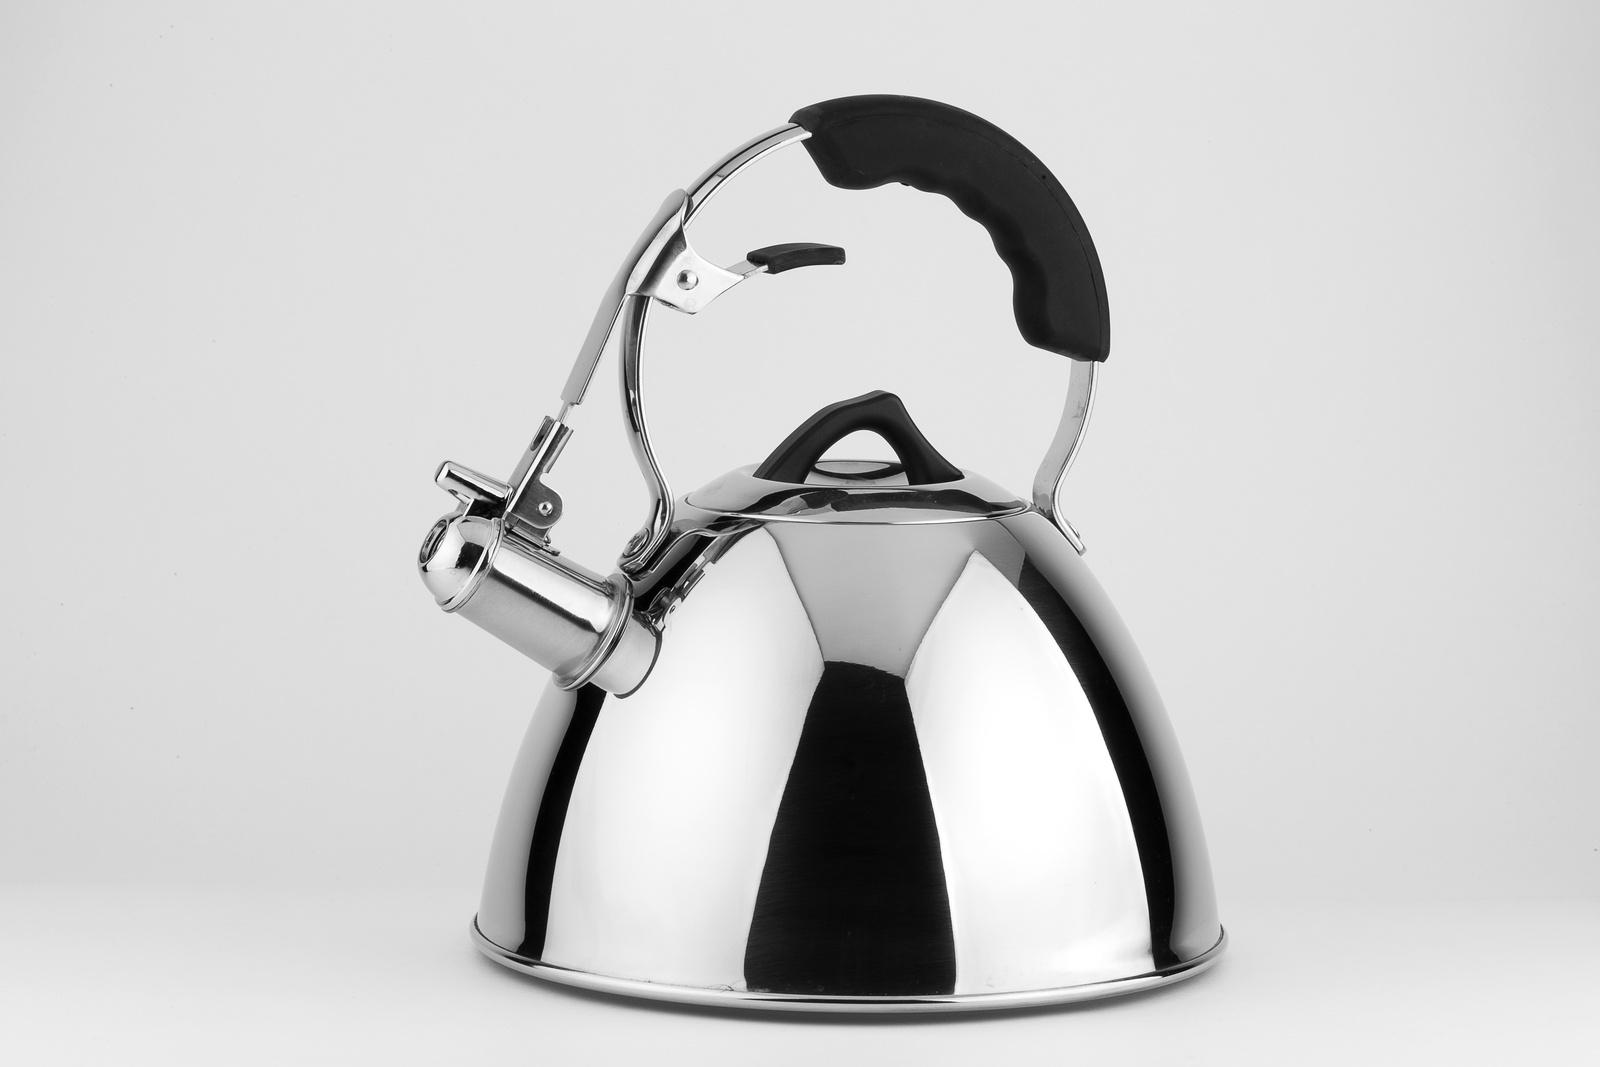 Чайник CARL SCHMIDT SOHN CS058463, серебристый чайник carl schmidt sohn aquatic со свистком цвет серый металлик 5 л